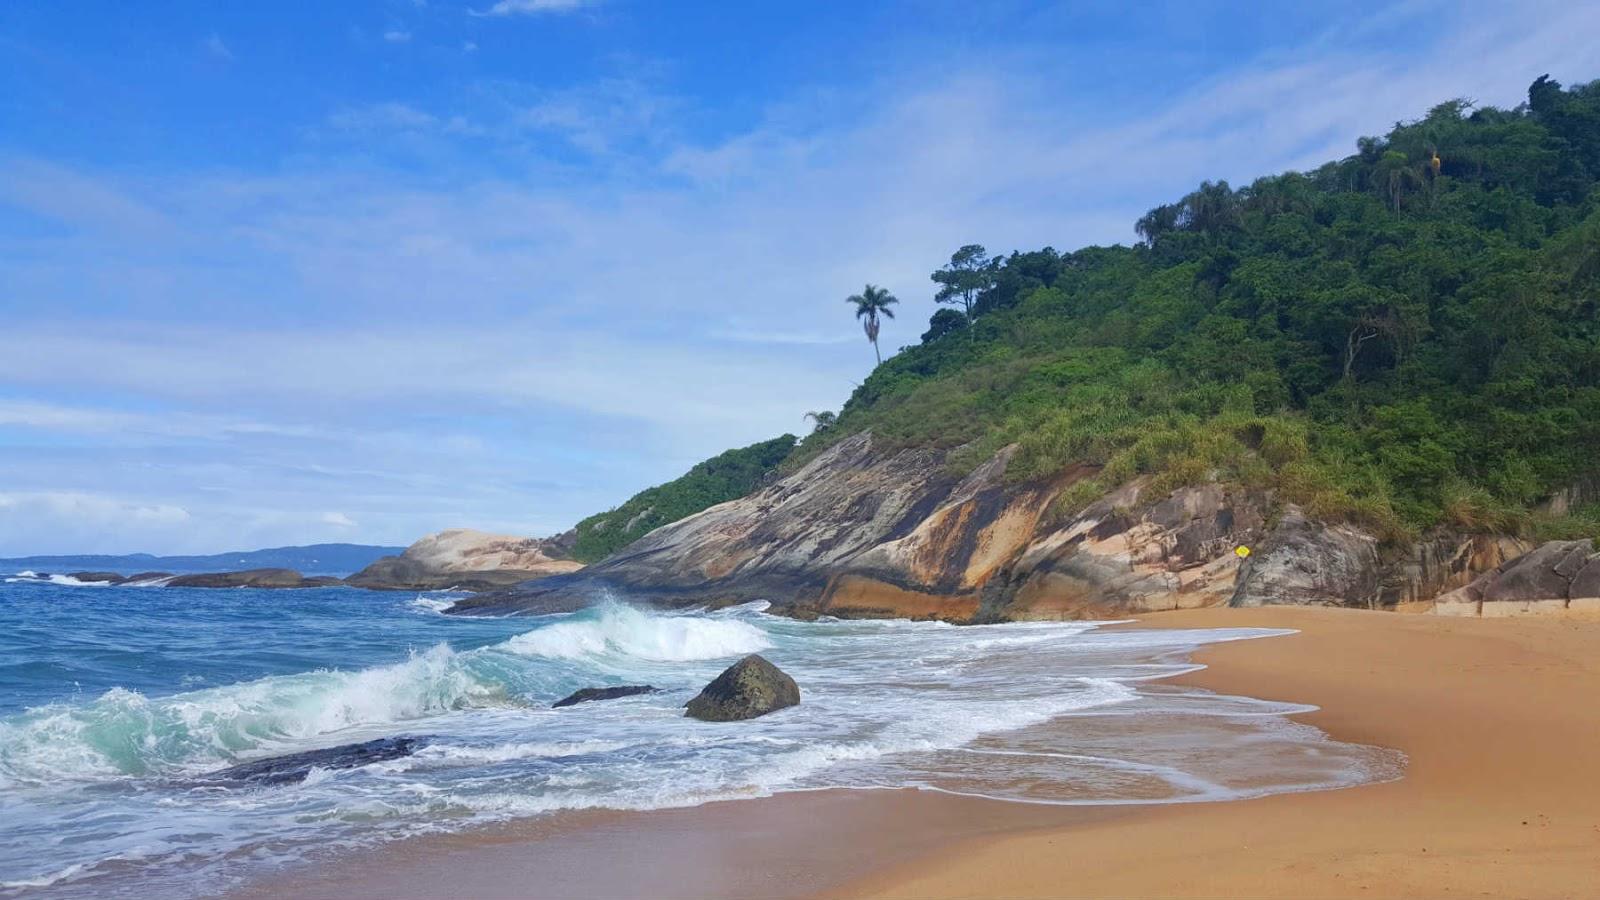 Praia do Estaleirinho, Balneário Camboriú, Santa Catarina.